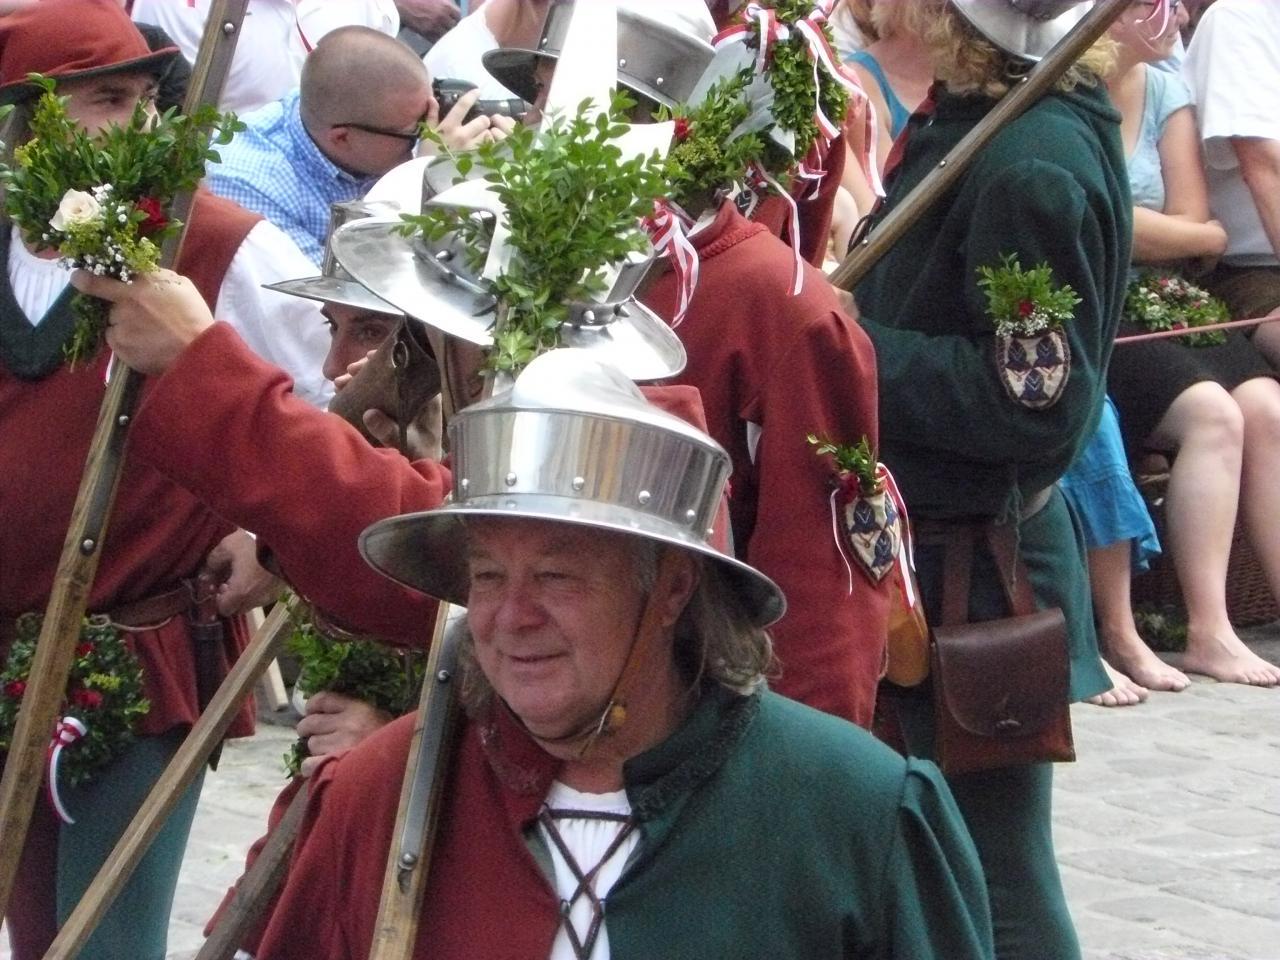 Hochzeitszug le casque type de Landshut emblême de la ville